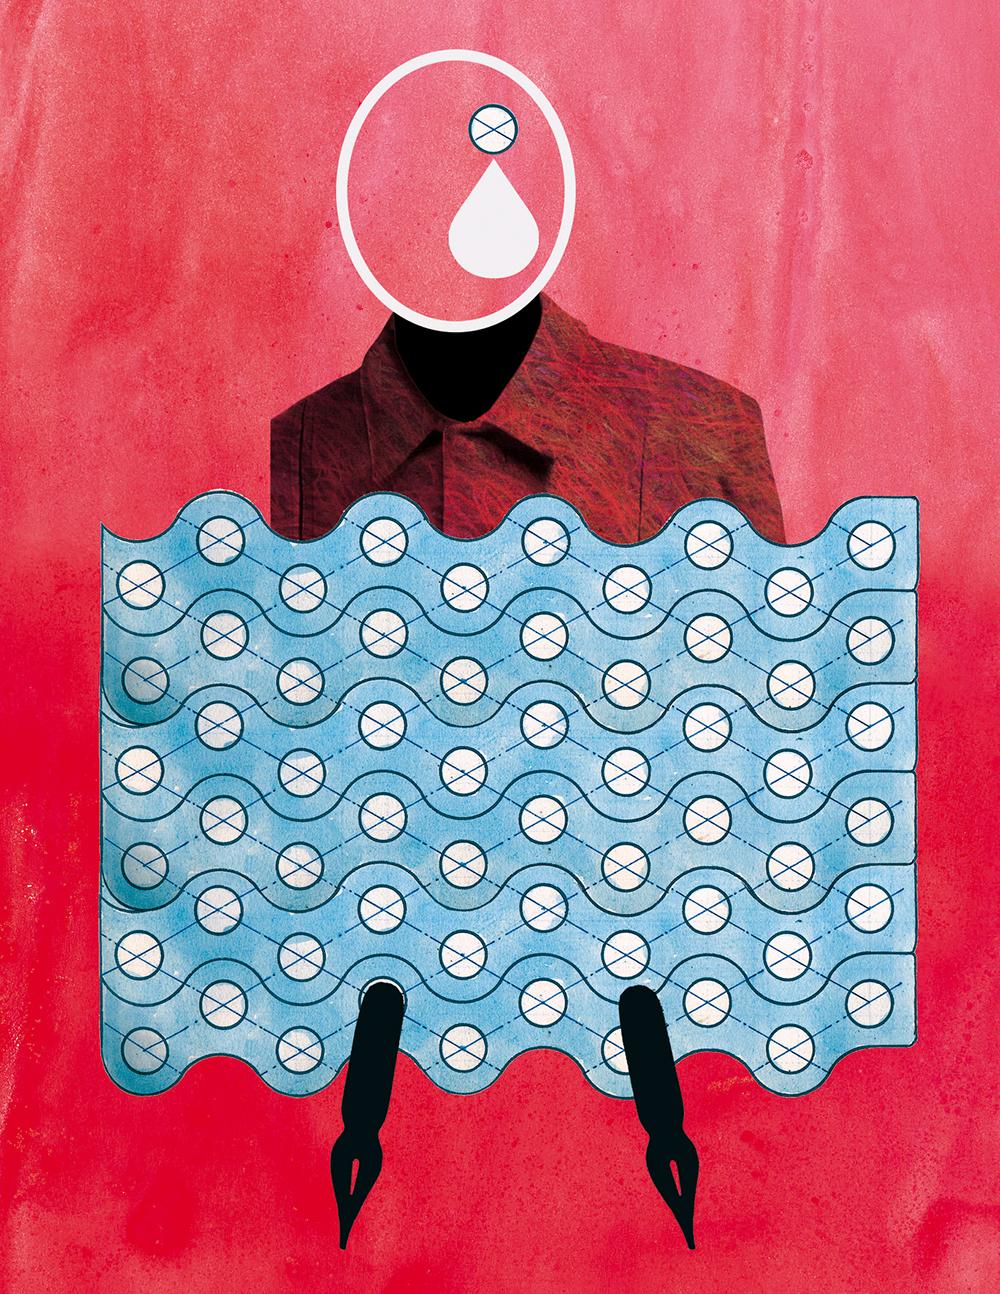 Elegance magazine waterman | aquarius by Marenthe.jpg